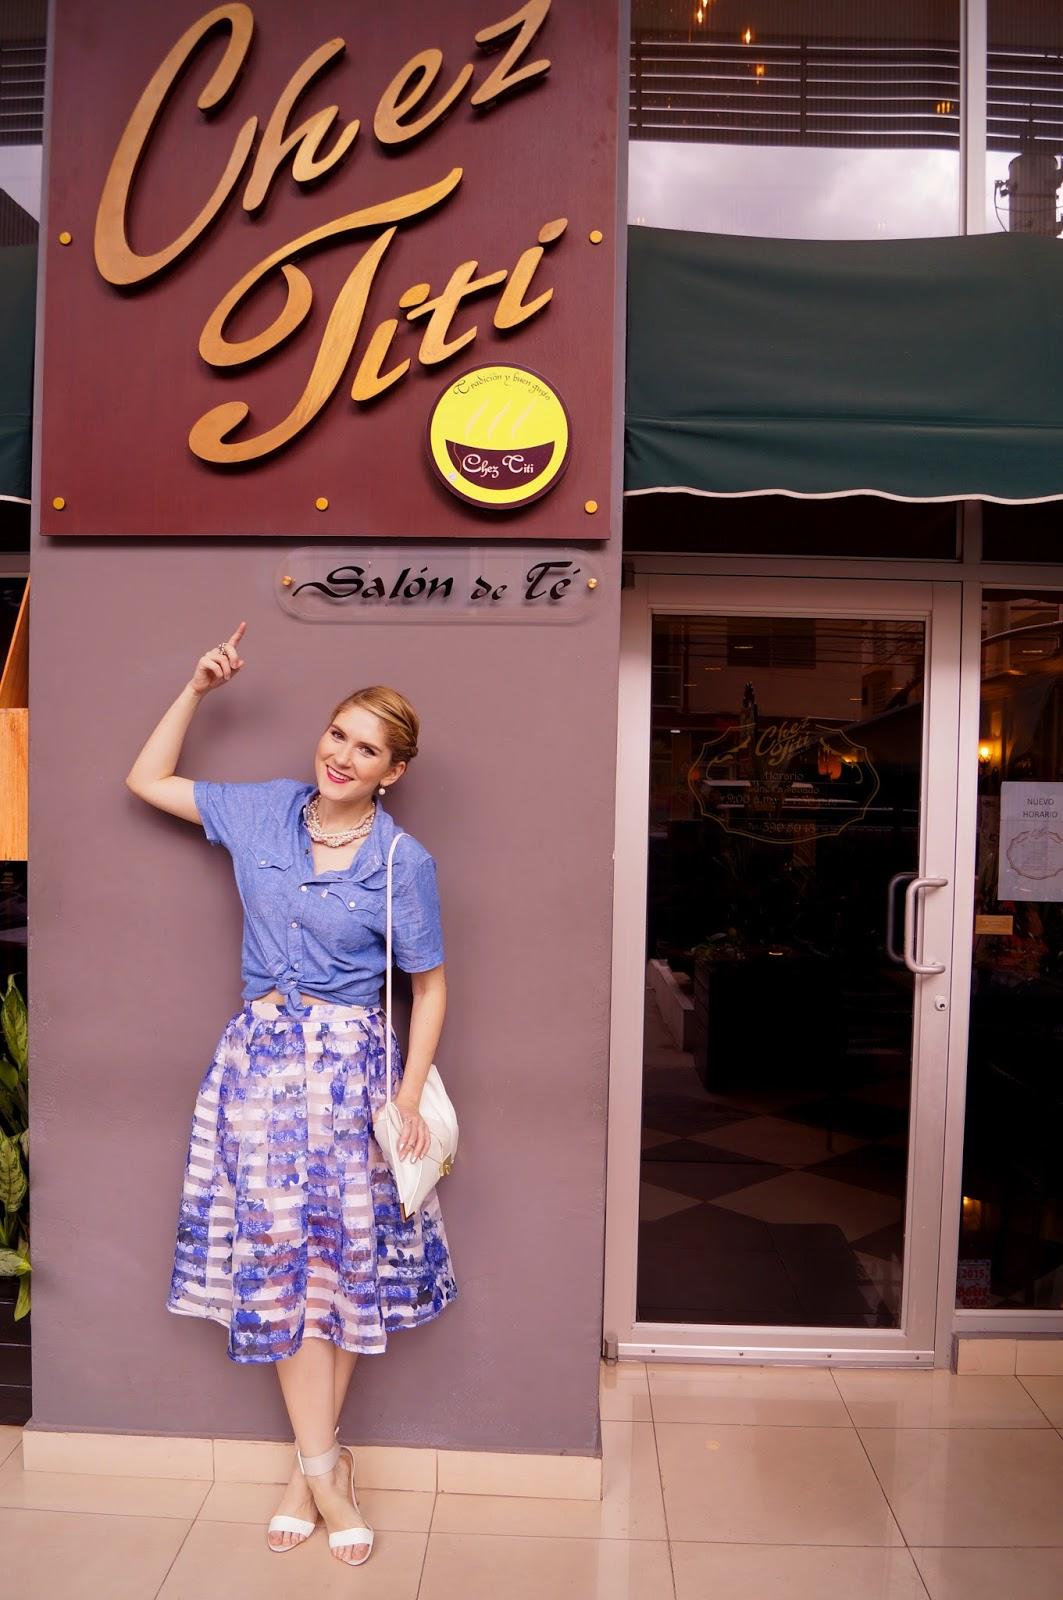 Chez Titi Restaurant in Panama